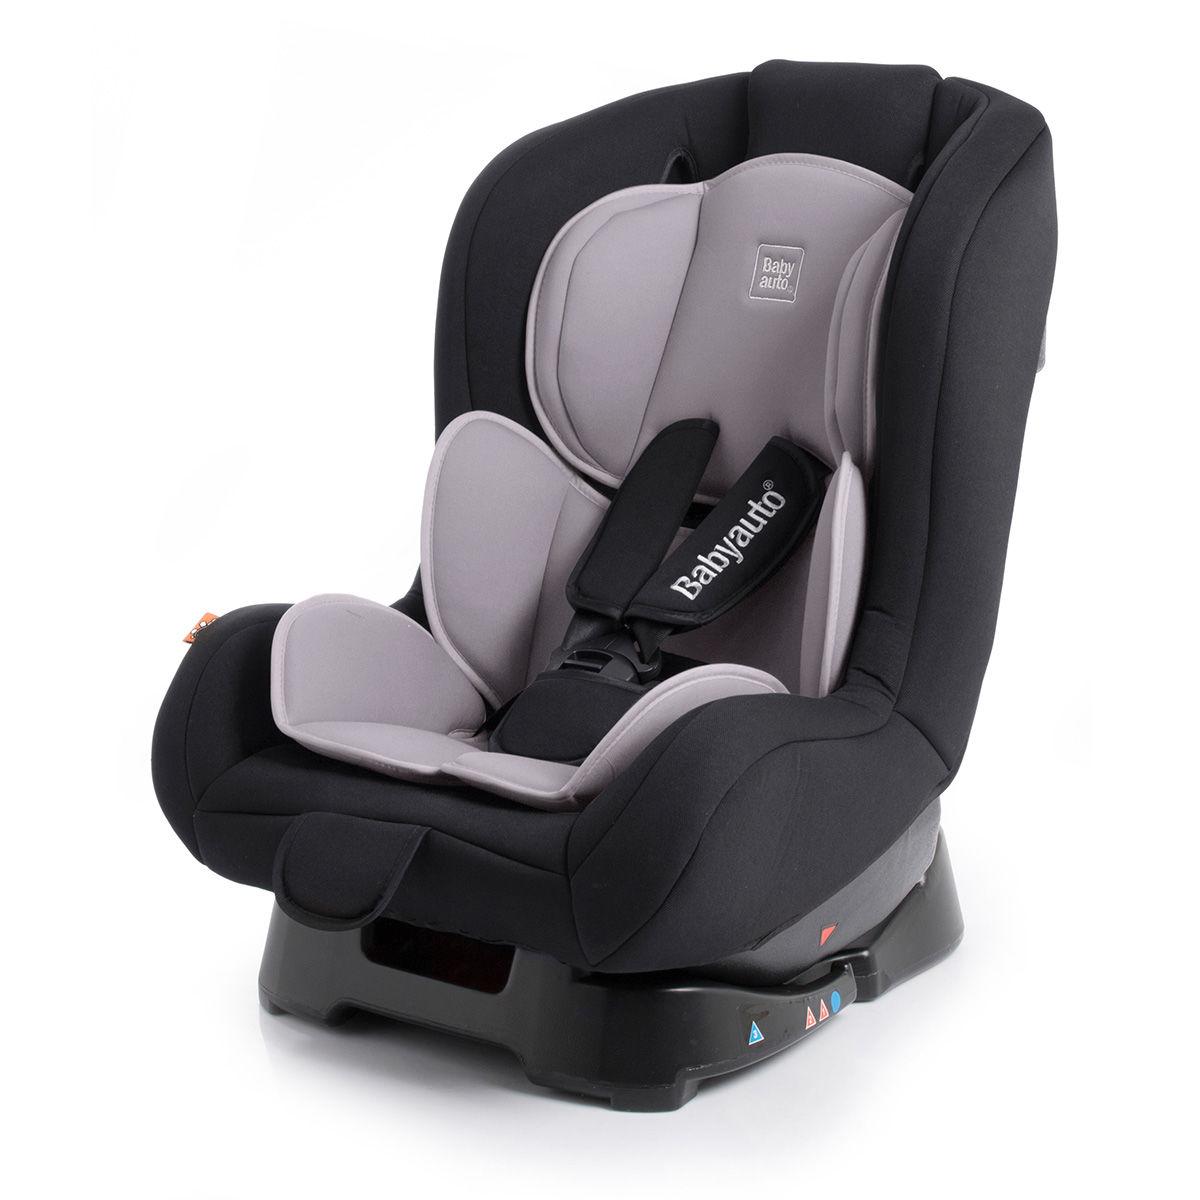 Afbeelding van Autostoel Babyauto Lolo Grijs (0-18kg)